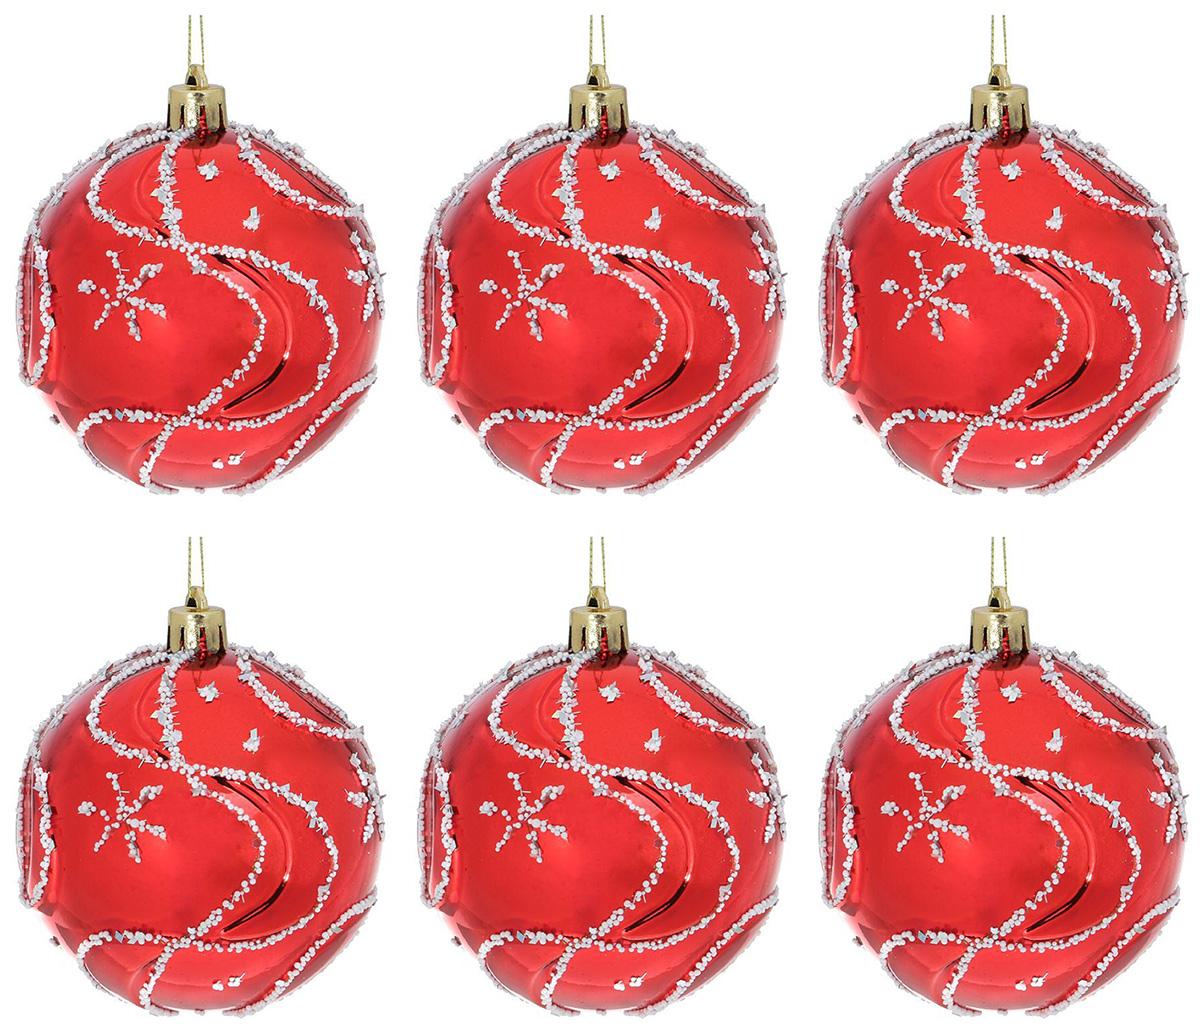 Набор новогодних подвесных украшений Sima-land Заснеженный, диаметр 8 см, 6 шт1307046Набор новогодних подвесных украшений Sima-land изготовлен из пластика. Изделия имеют плотный корпус, поэтому не разобьются при падении.Невозможно представить нашу жизнь без праздников! Новогодние украшения несут в себе волшебство и красоту праздника. Создайте в своем доме атмосферу тепла, веселья и радости, украшая его всей семьей.В наборе 6 украшений.